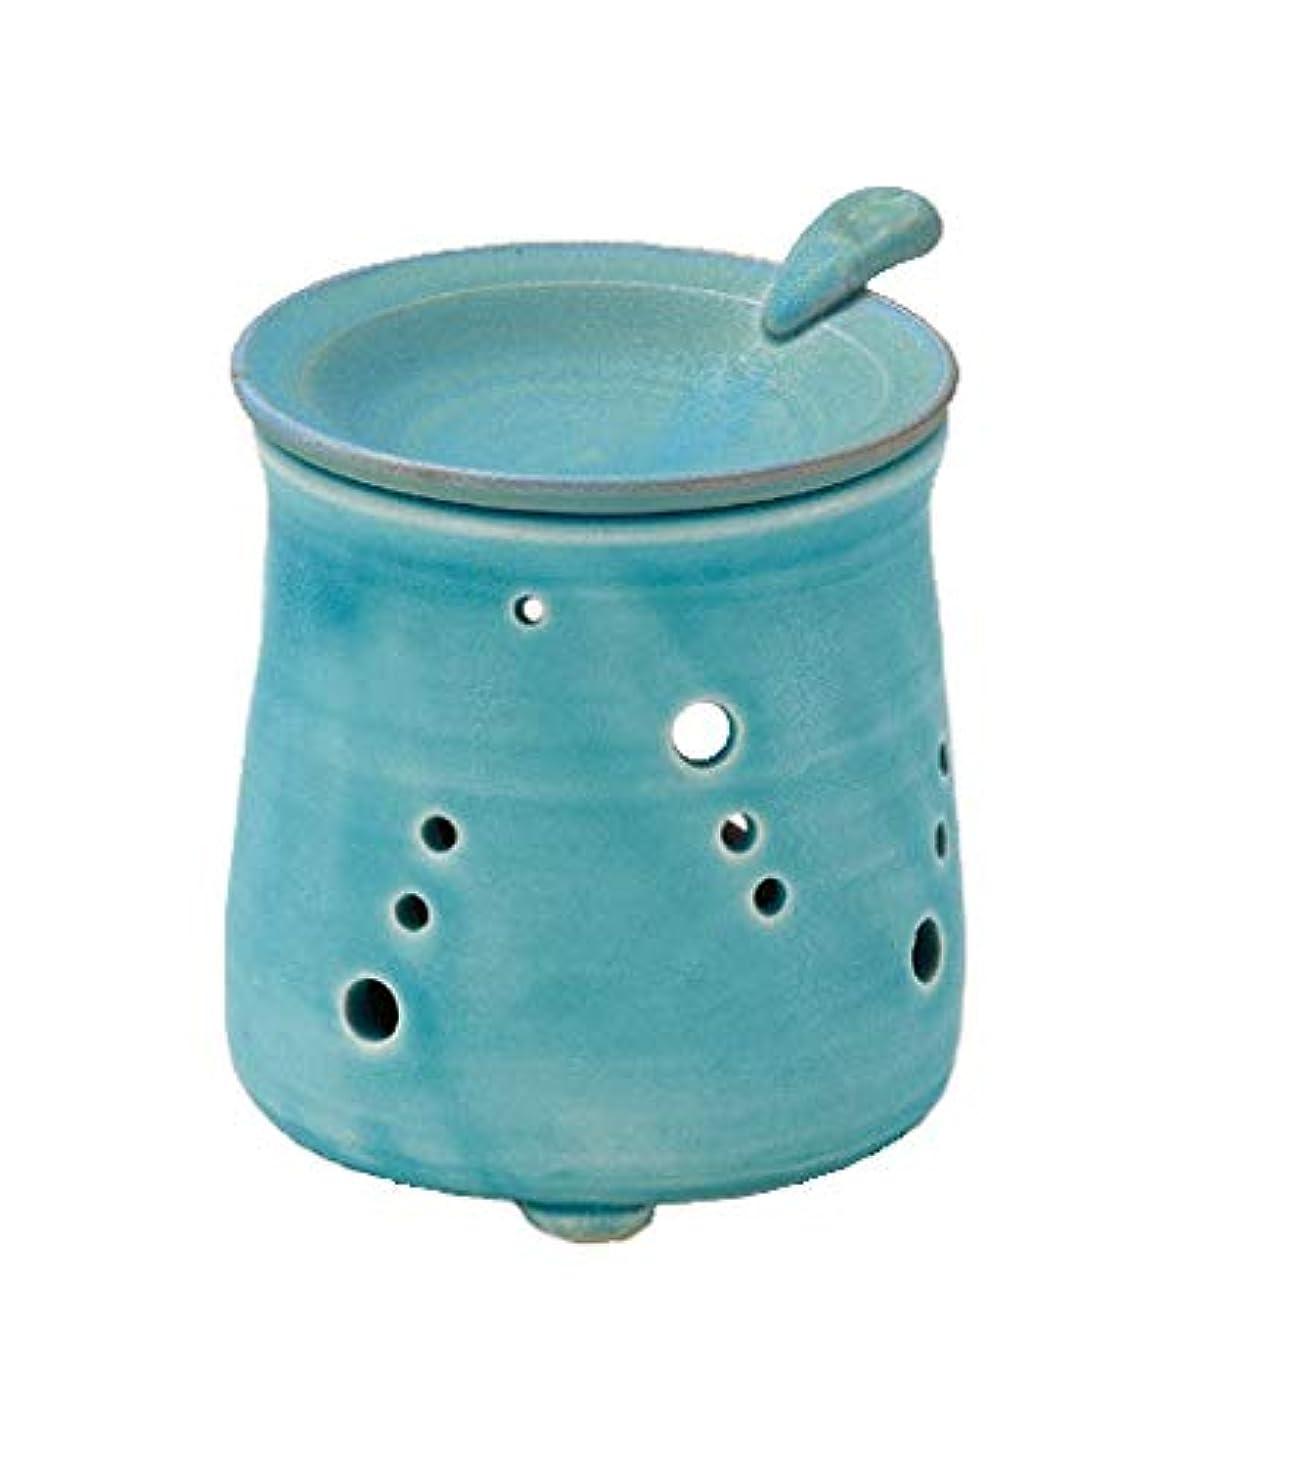 吐き出すネックレスウルルヤマキイカイ 置物 ブルー 径9.5cm 山田トルコブルー 茶香炉 L1616